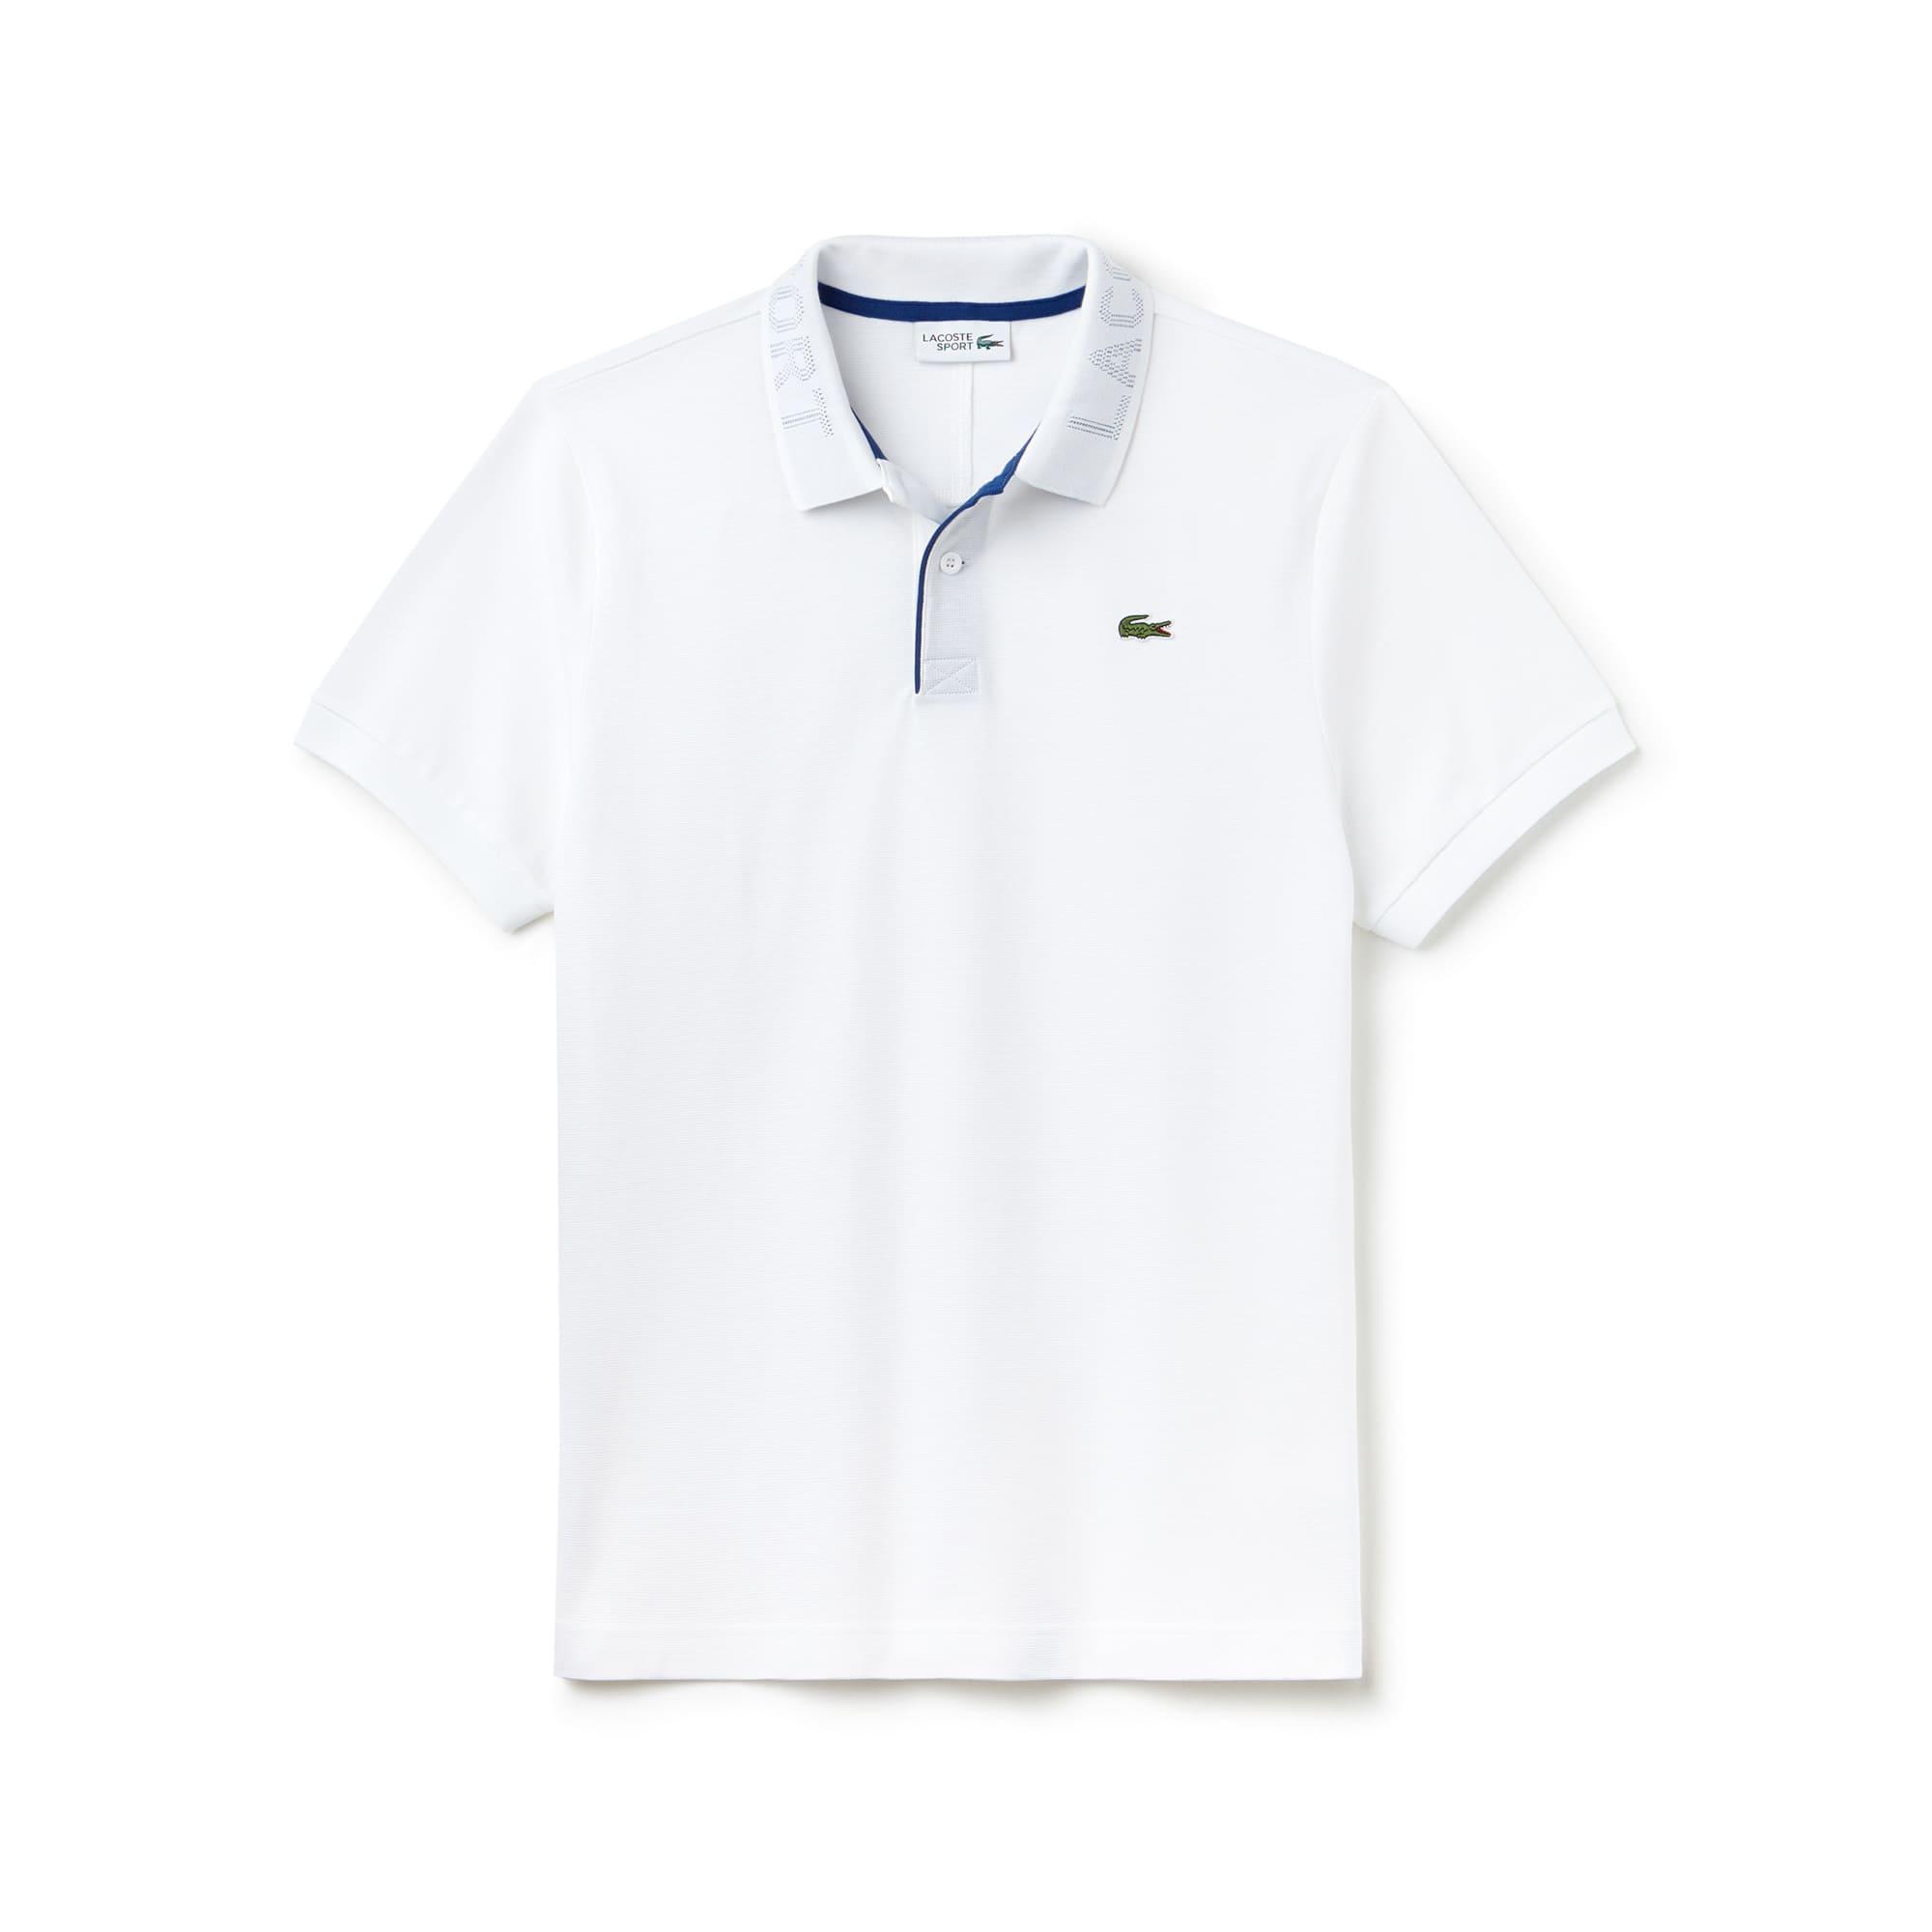 Lacoste SPORT Tennis-polo heren bedrukte kraag ultralicht katoen